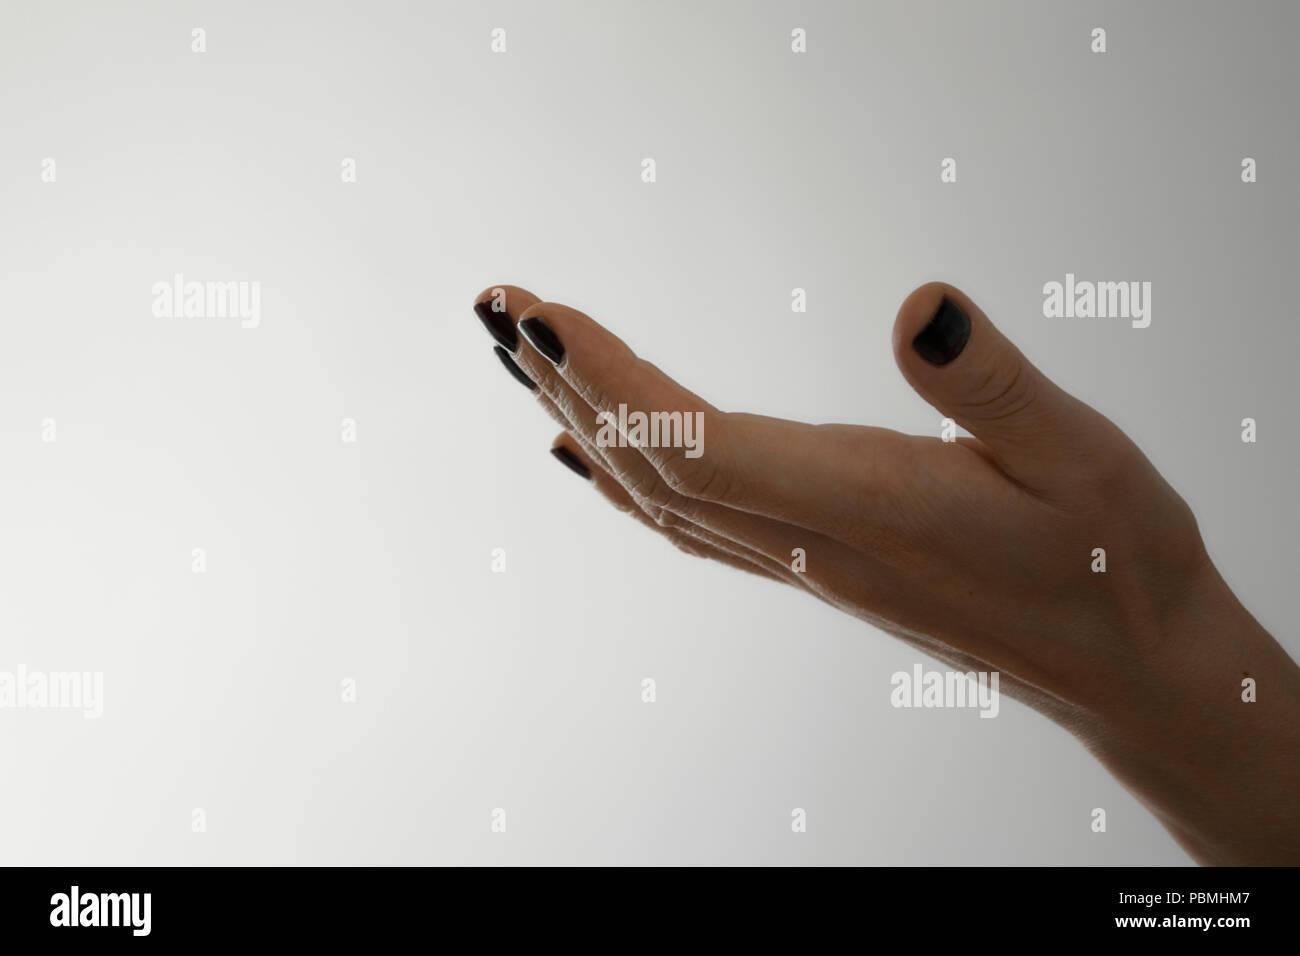 aff28b9b4bde Ver cultivo aislado de la mujer la mano pidiendo dando gesto sobre fondo  blanco con espacio para texto